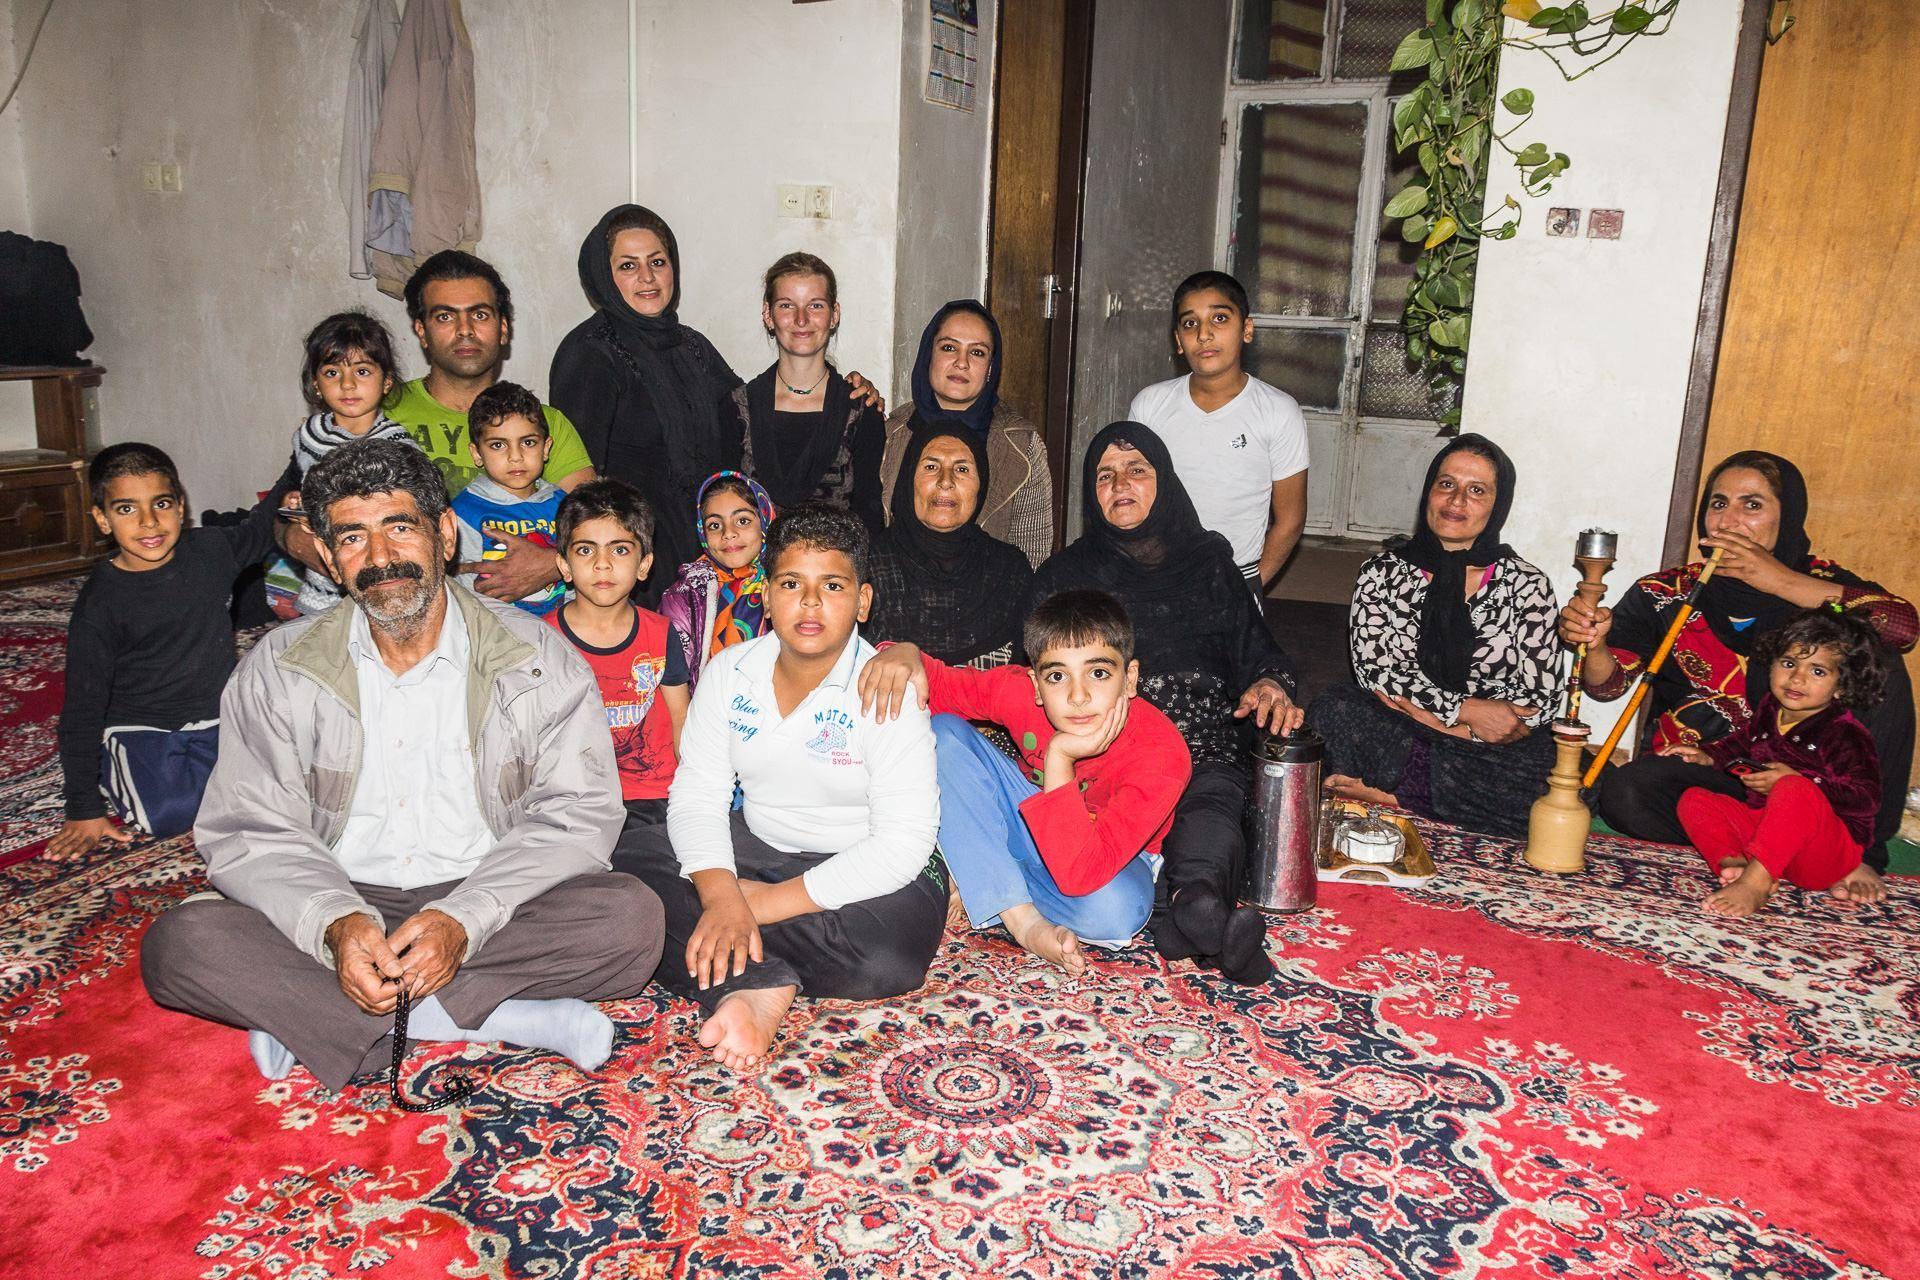 V Íránu prakticky neexistují malé rodiny:-)